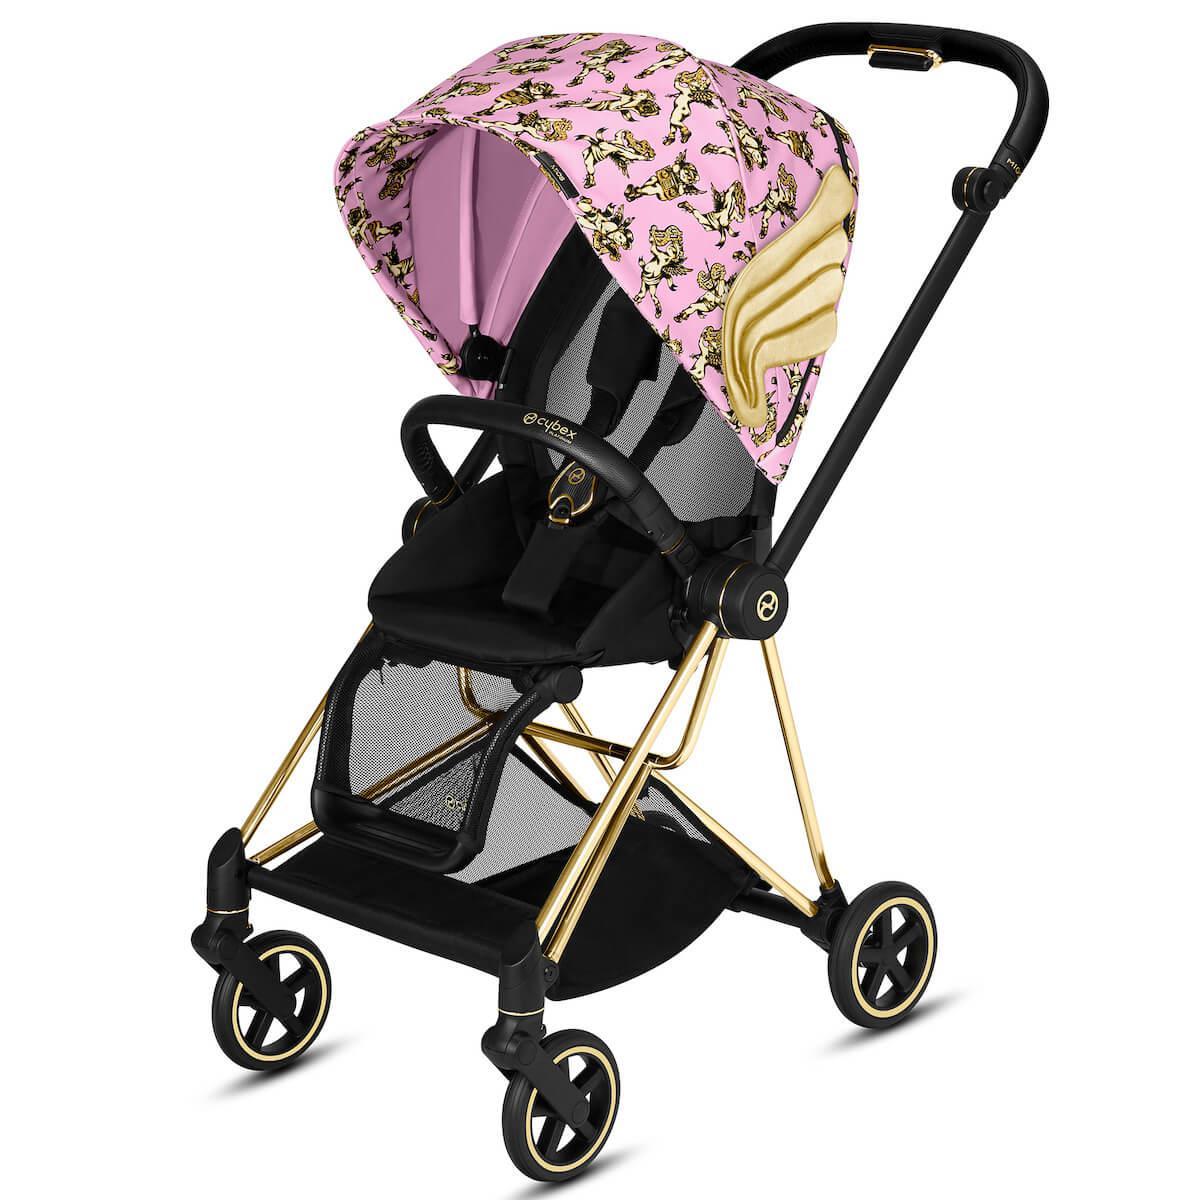 Poussette MIOS Cybex cherub pink-pink